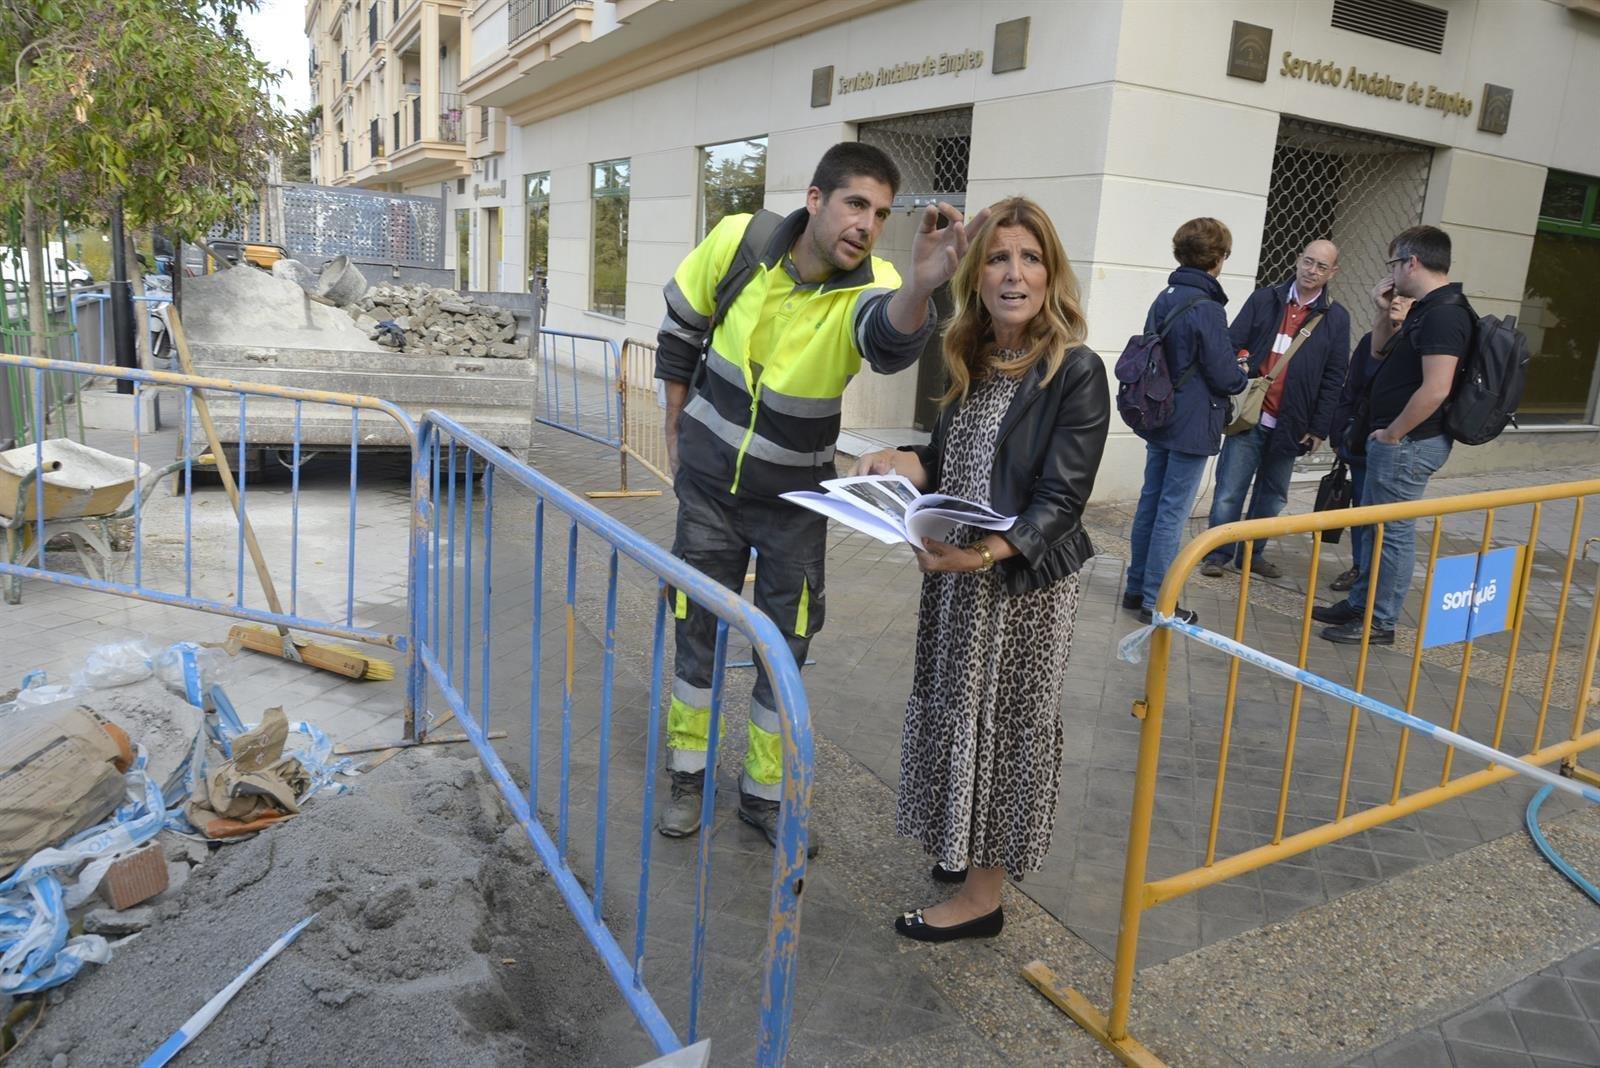 Renuevan la solería y el muro de hormigón de la calle Sor Cristina de Arteaga